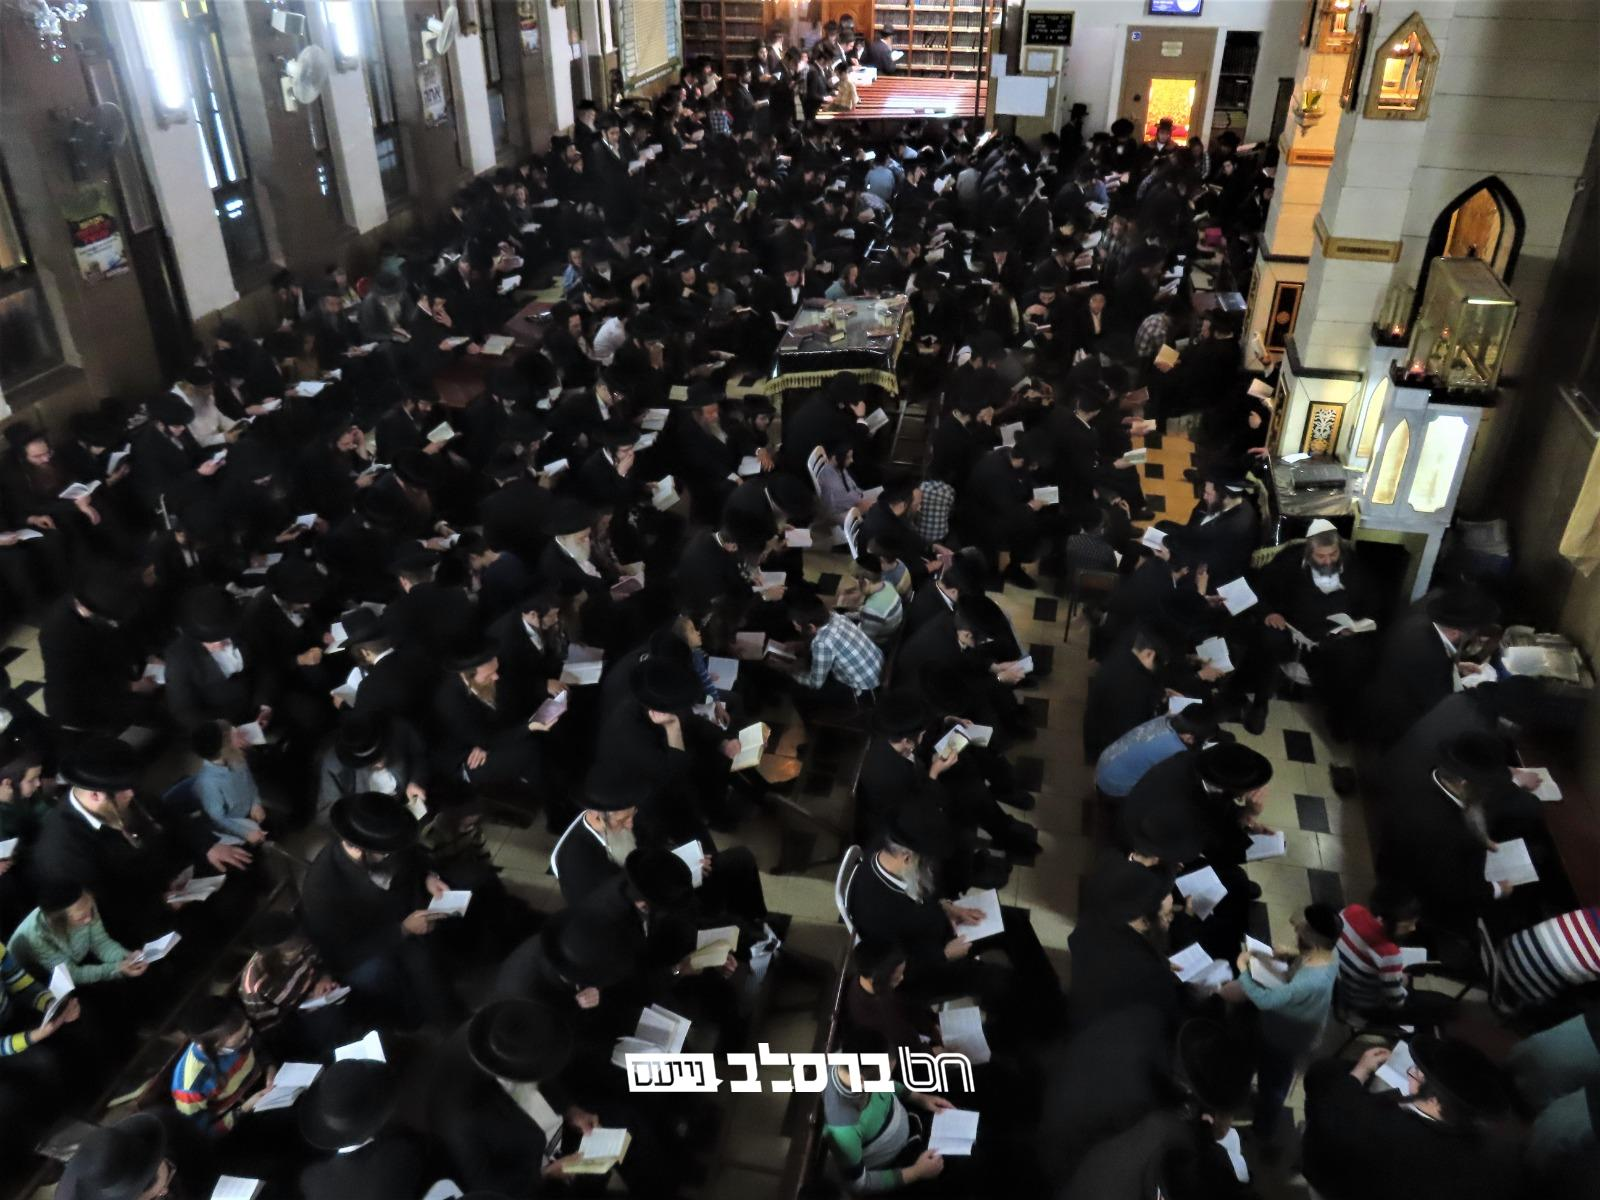 בָּכוֹ תִבְכֶּה בַּלַּיְלָה • אמירת הקינות בליל תשעה באב בבית הכנסת הגדול דחסידי ברסלב במאה שערים • צפו